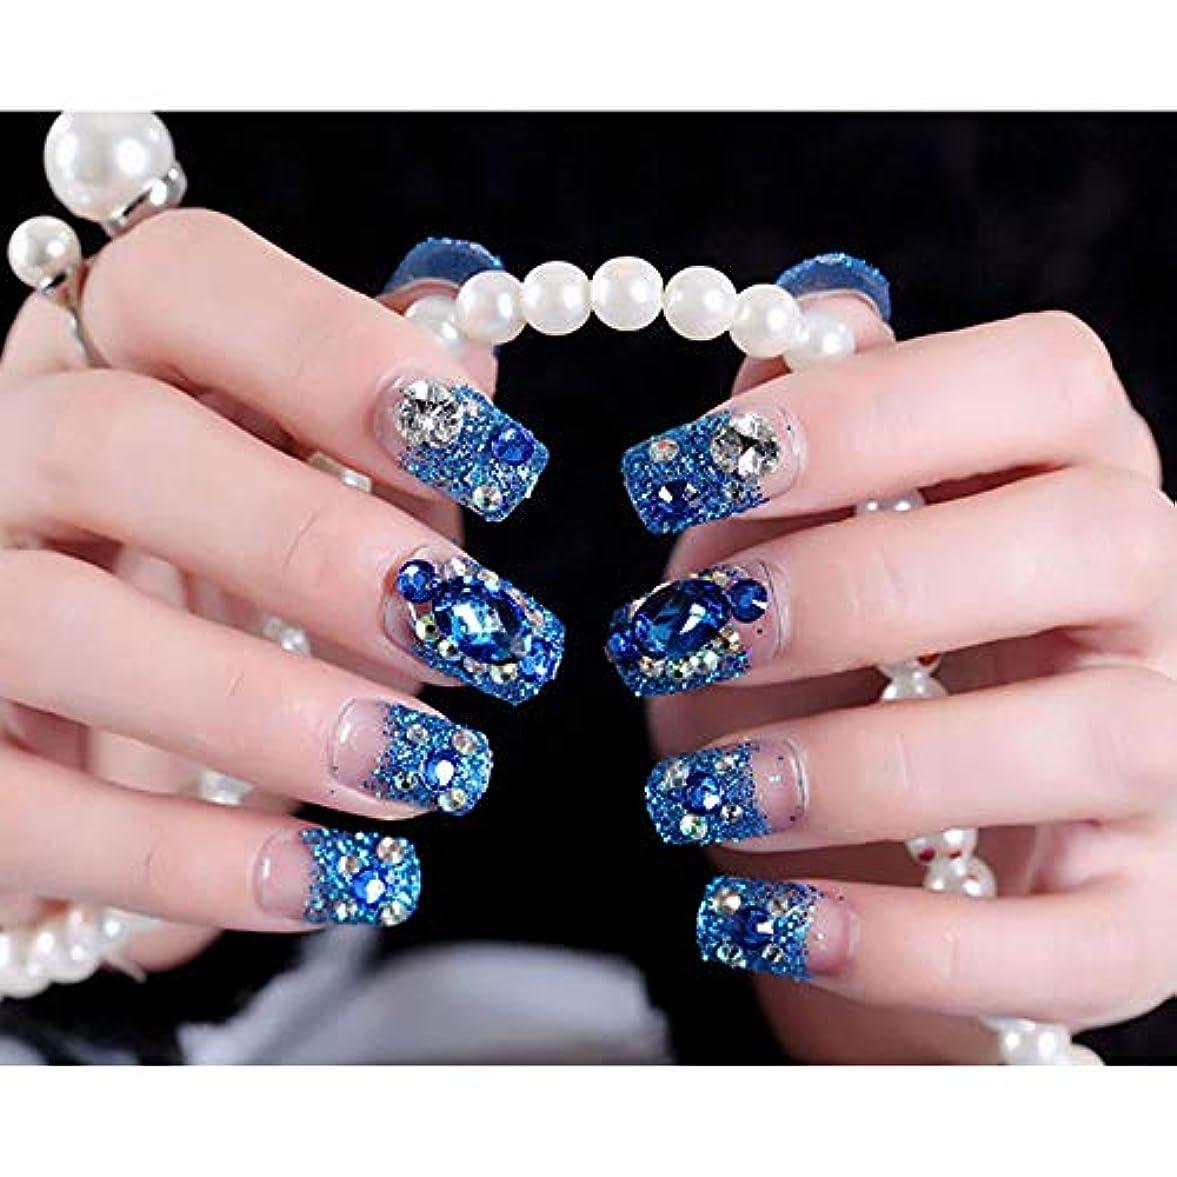 恨み自治的合成XUTXZKA ラインストーンファッション偽ネイルフルカバー花嫁ネイルアートのヒントと輝く青い色偽ネイル